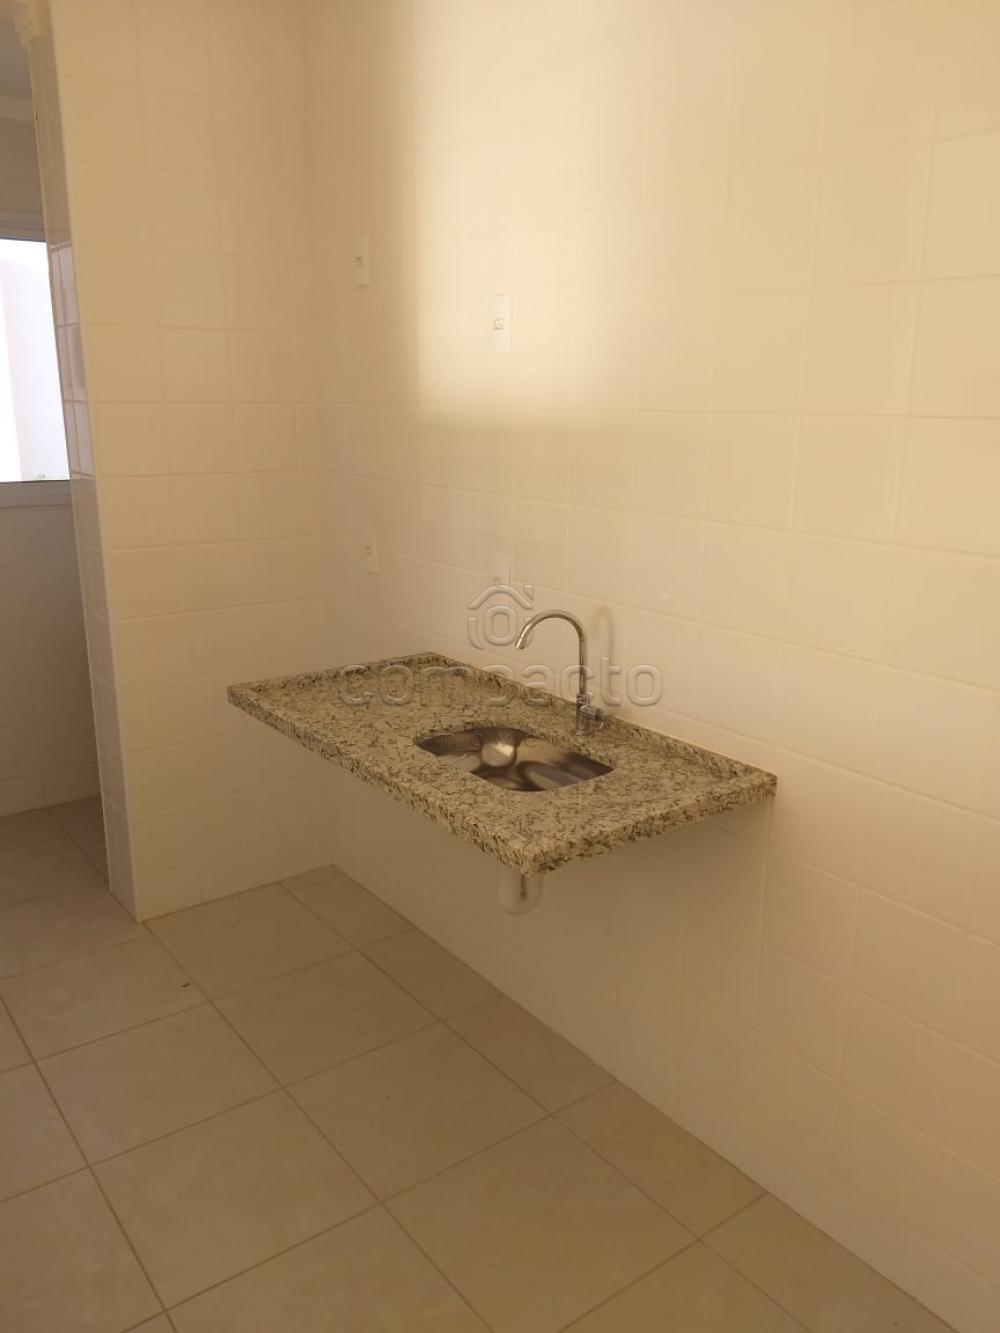 Comprar Apartamento / Padrão em São José do Rio Preto apenas R$ 290.000,00 - Foto 4